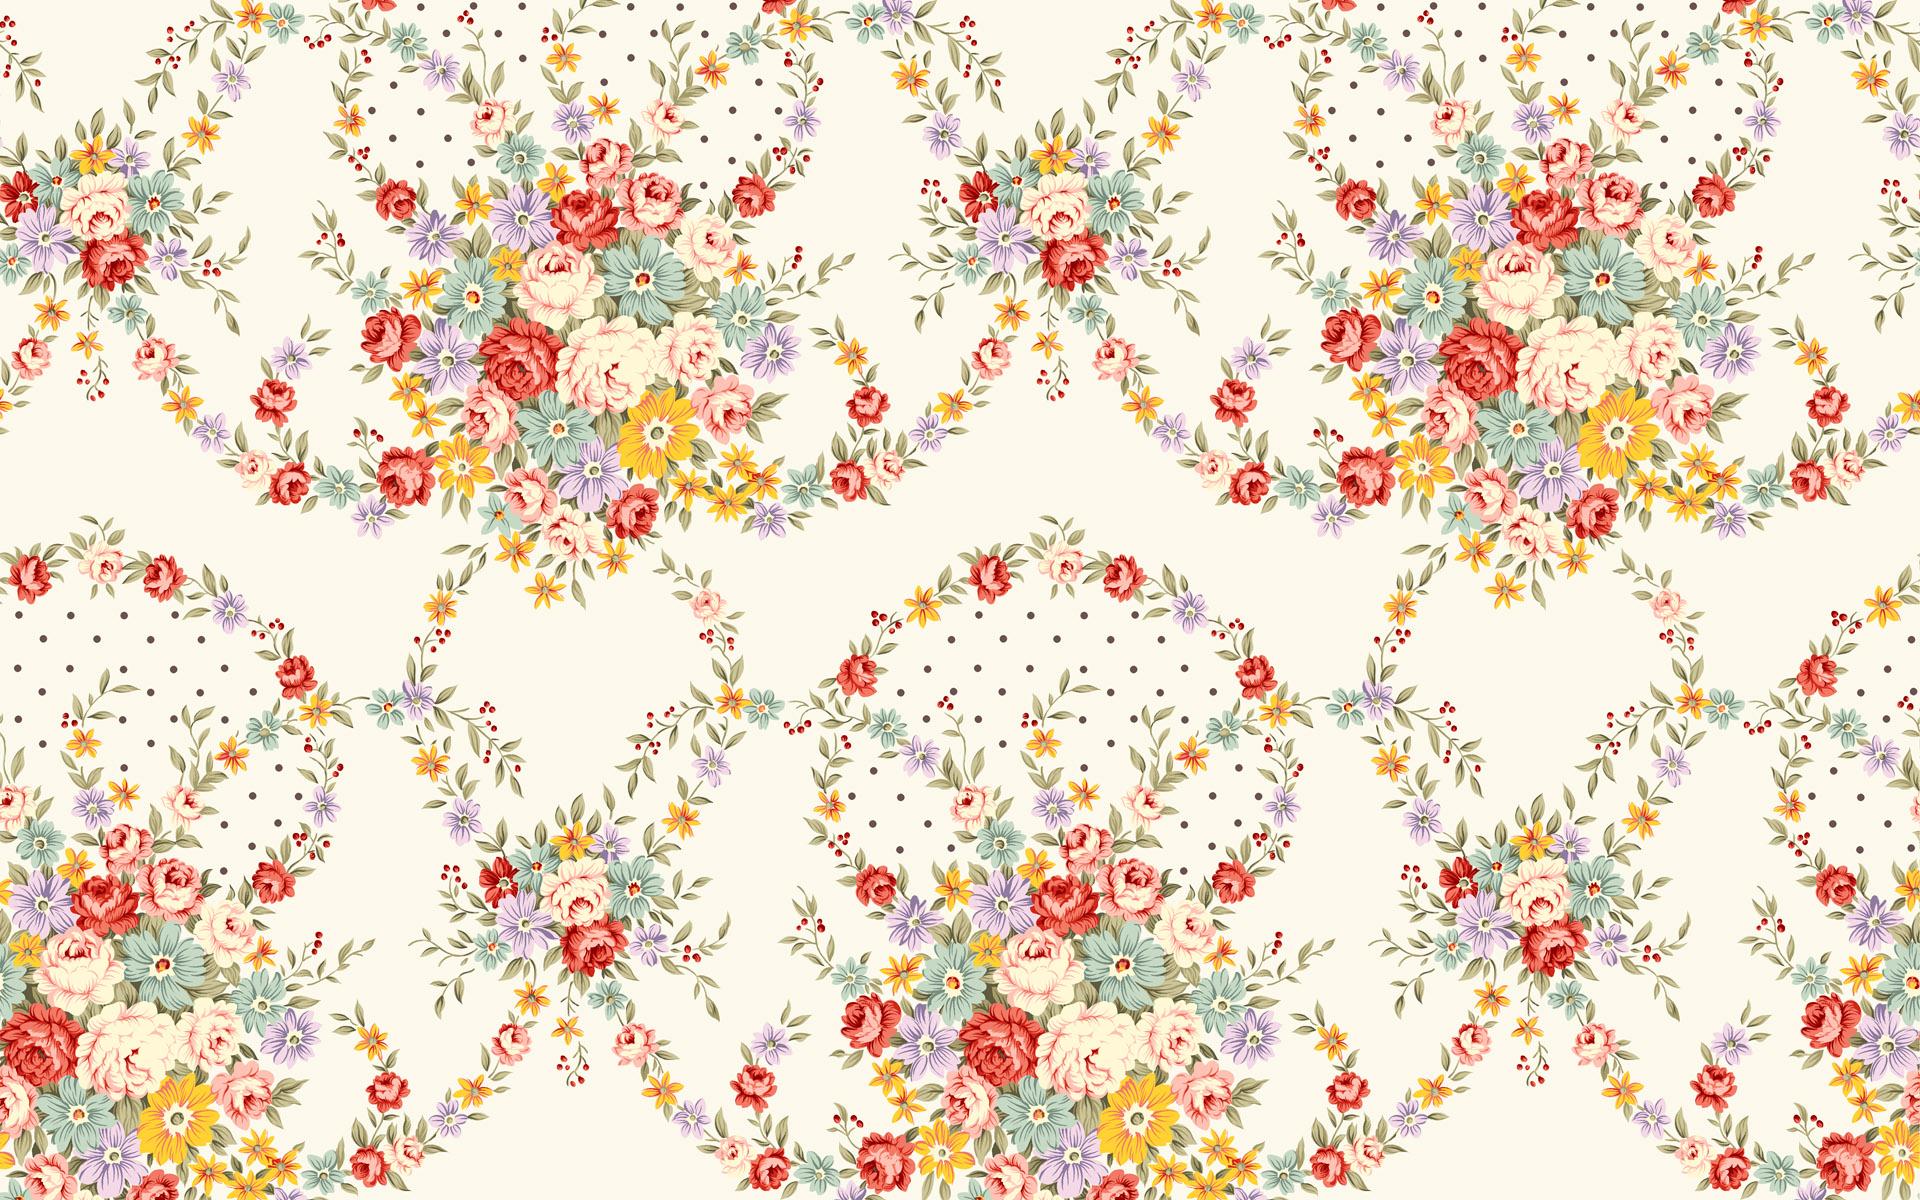 flower pattern wallpaper 18971